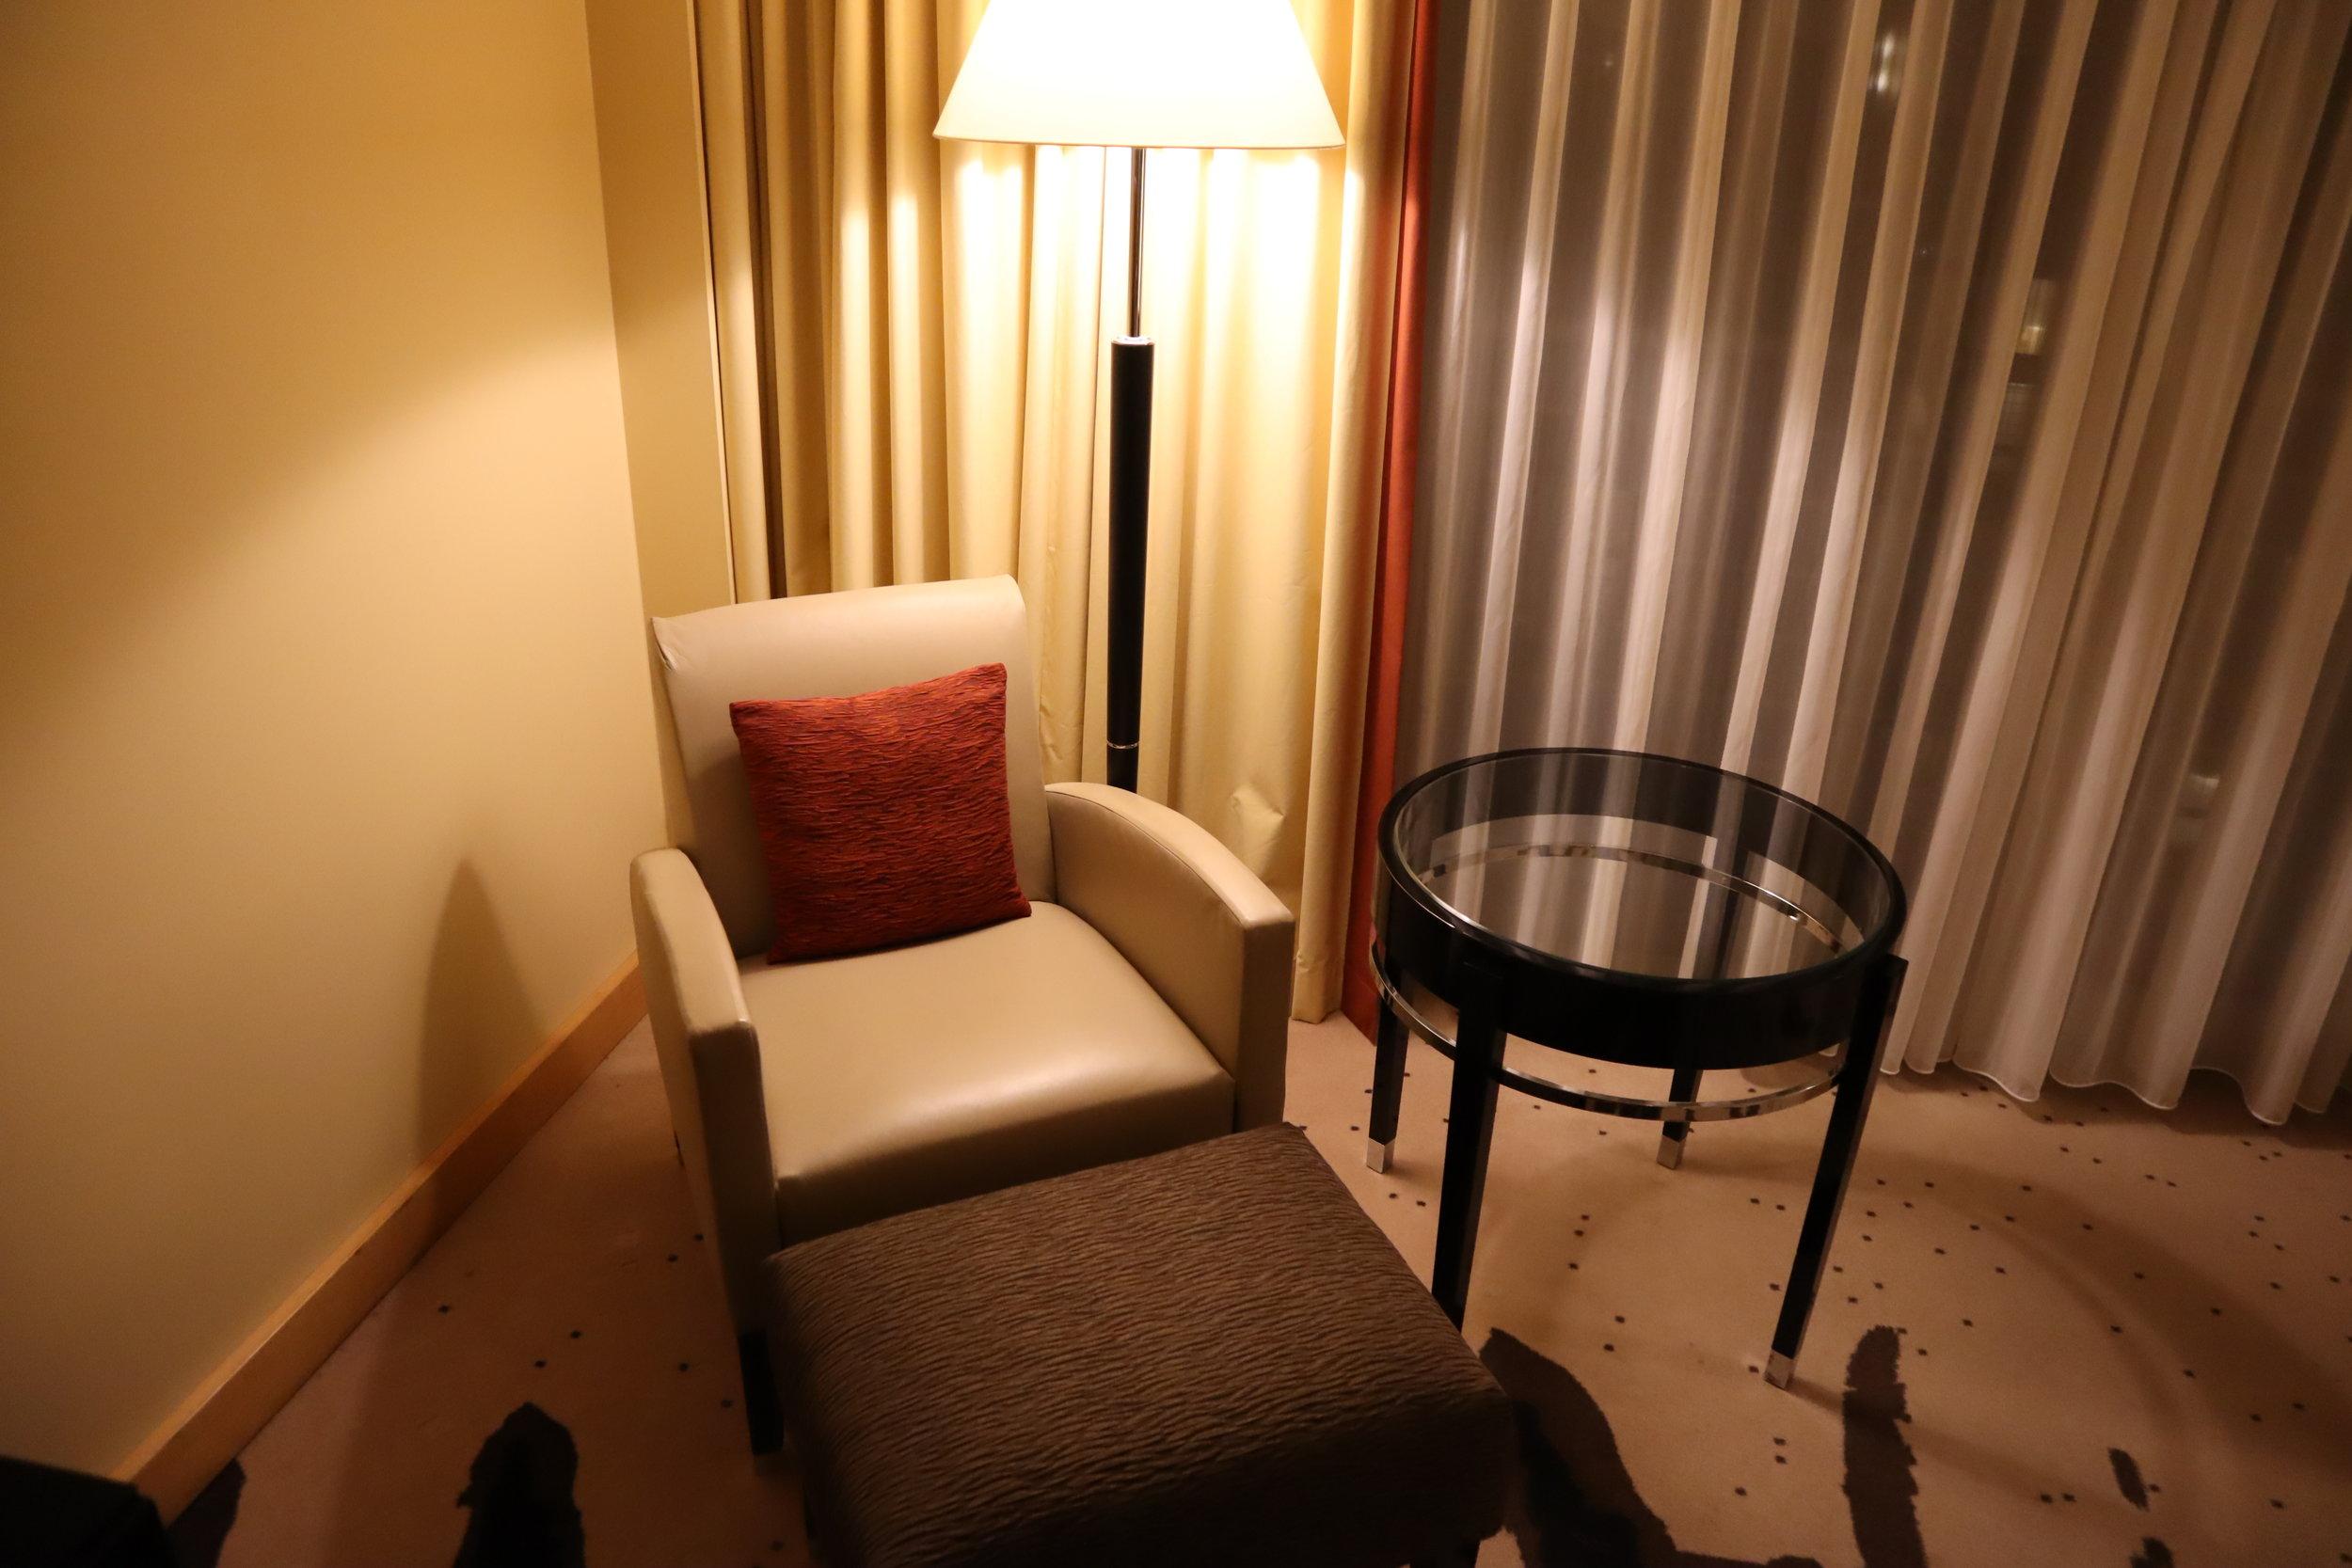 Le Méridien Munich – Chair and ottoman